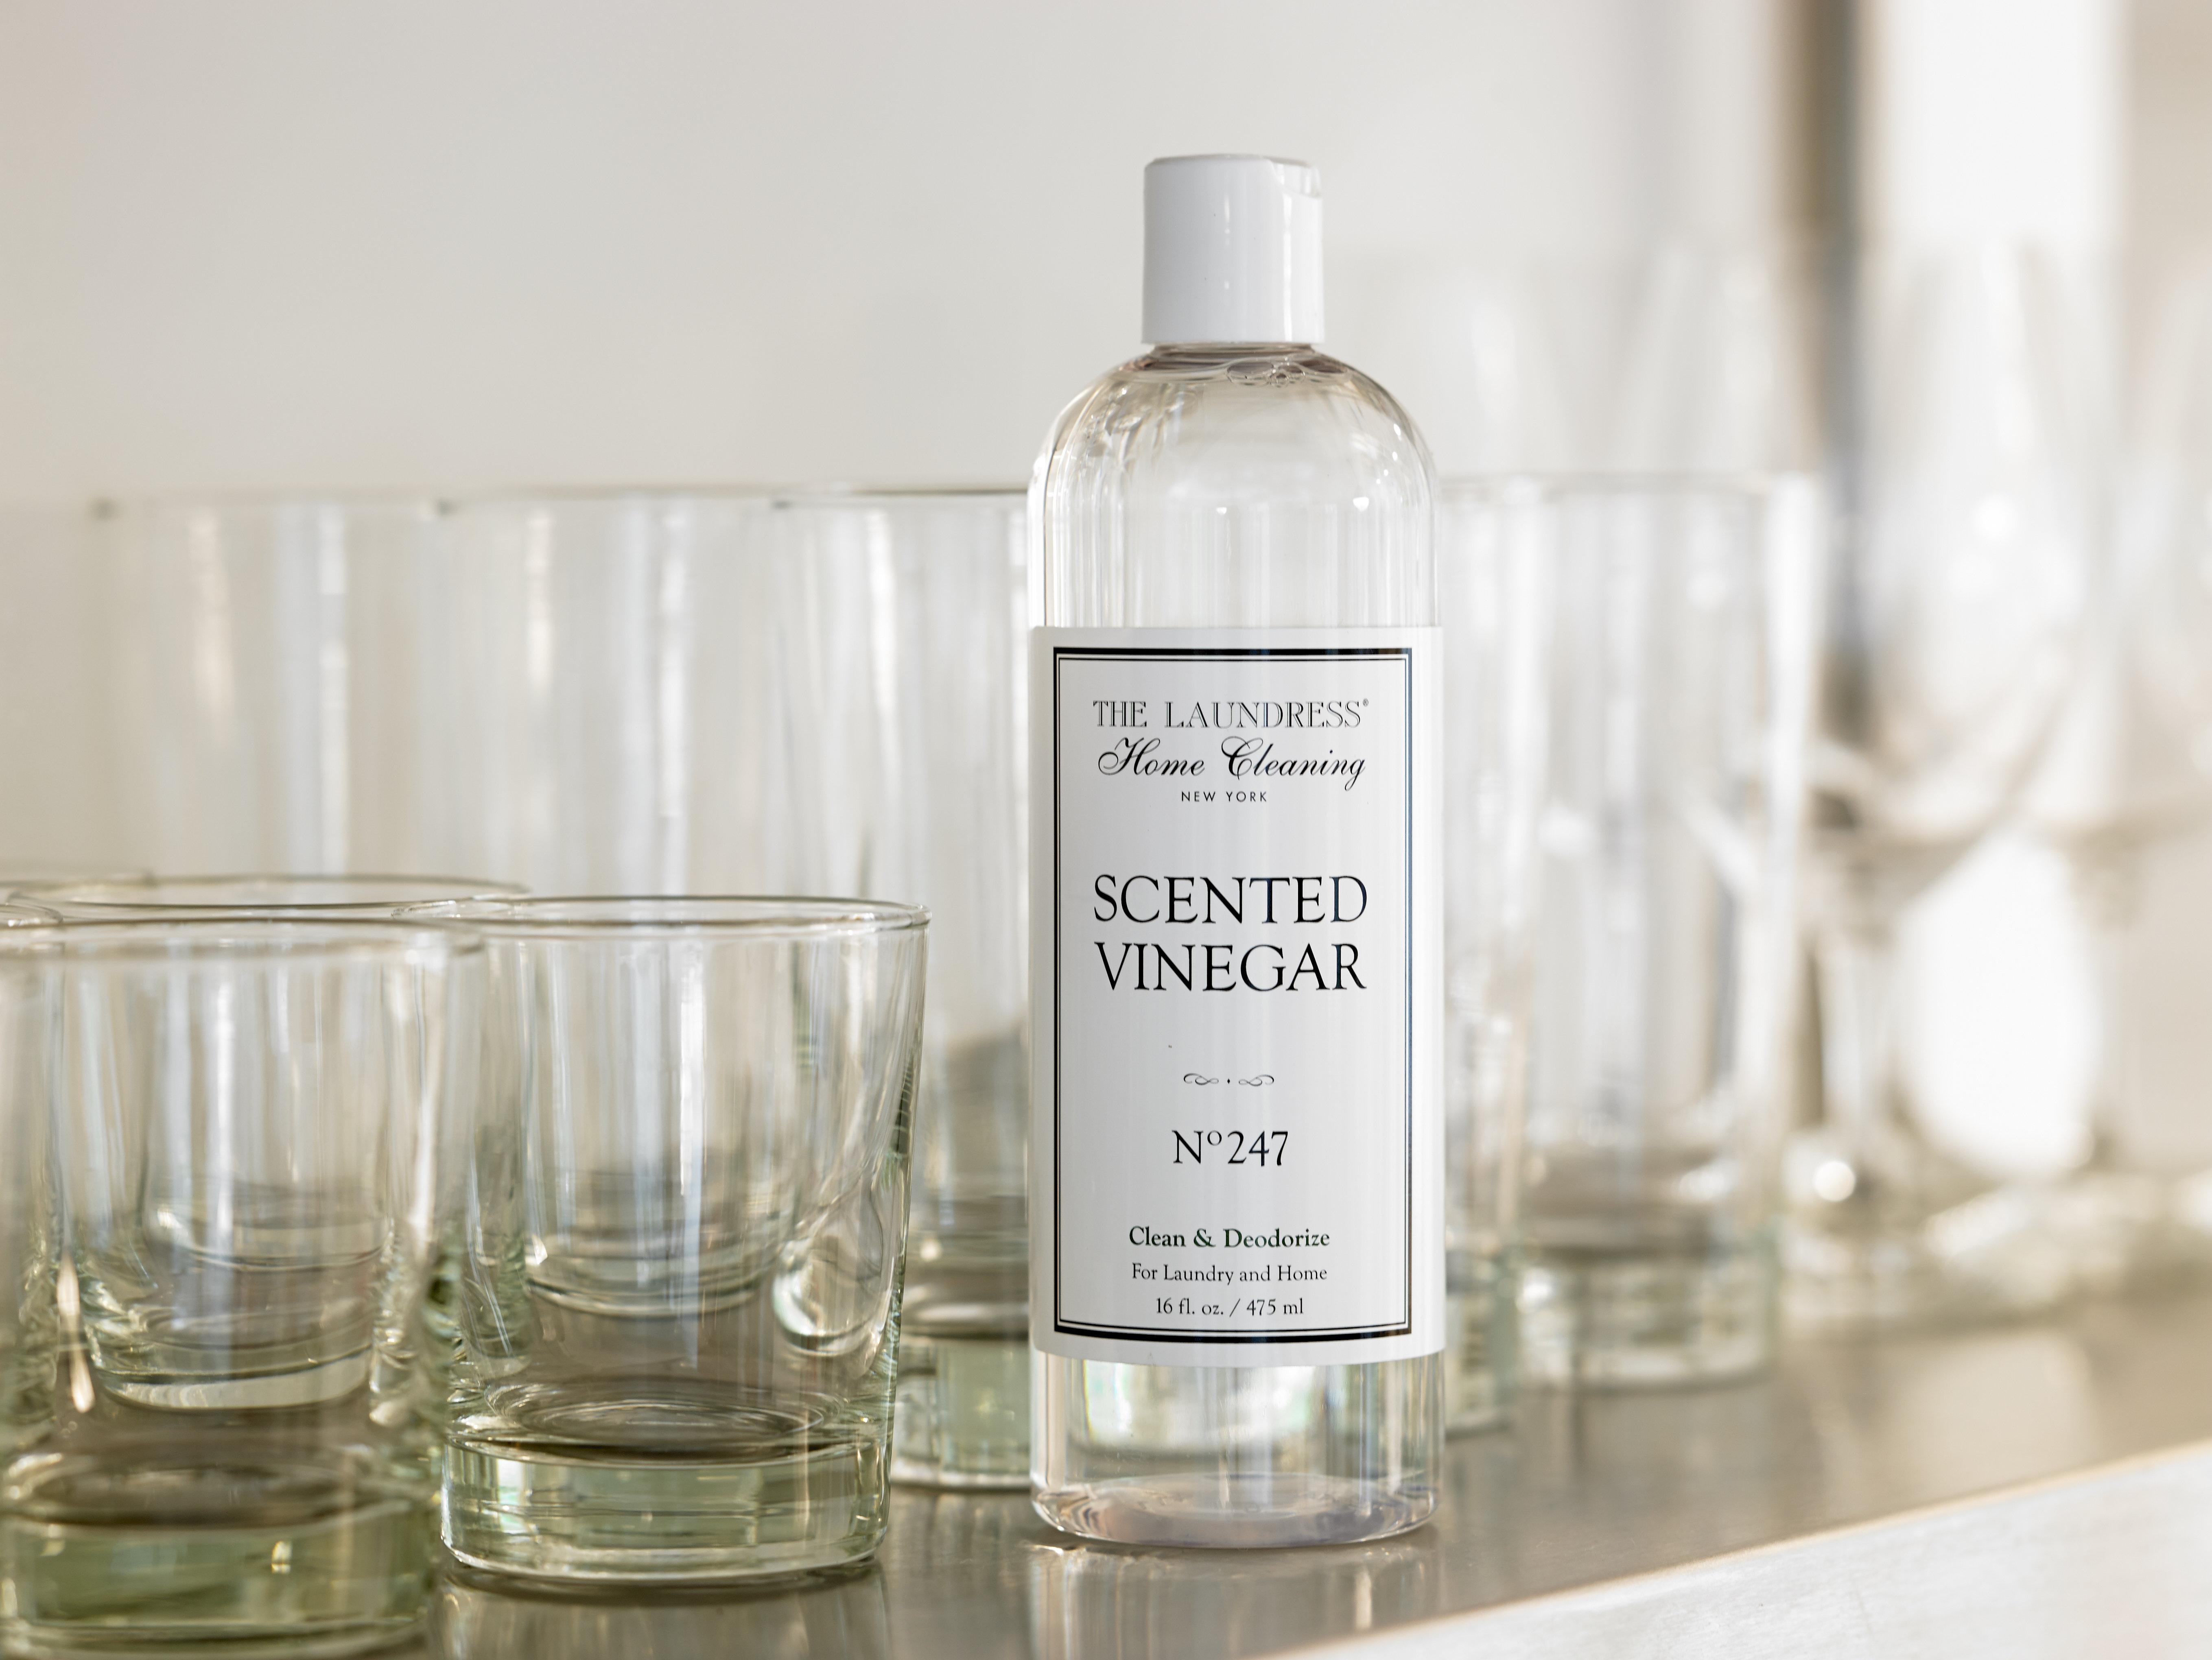 The Laundress Scented Vinegar 5A0KSHCXW66H4